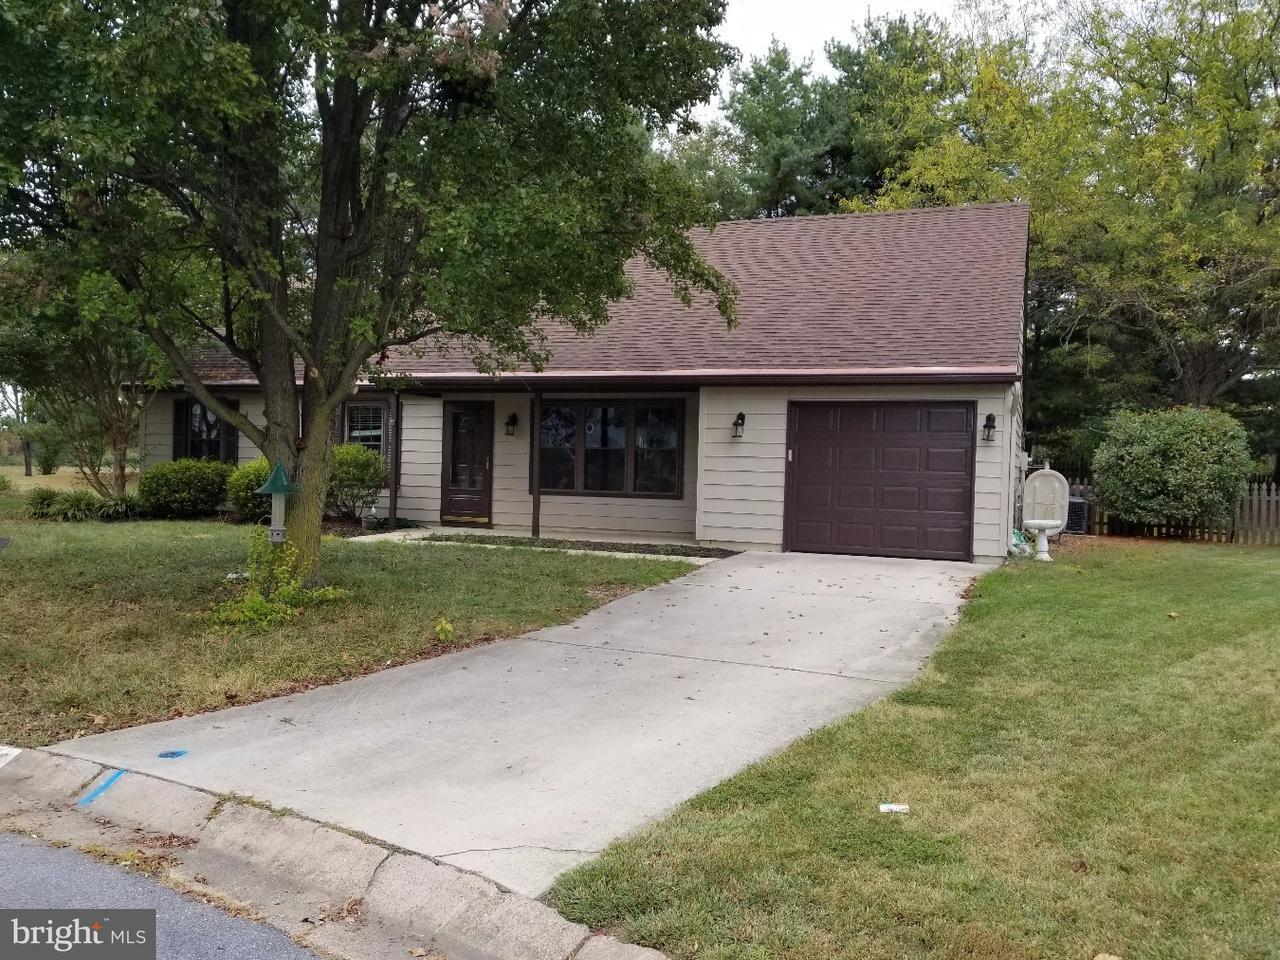 Частный односемейный дом для того Продажа на 18 MAPLEWOOD Place Logan Township, Нью-Джерси 08085 Соединенные Штаты